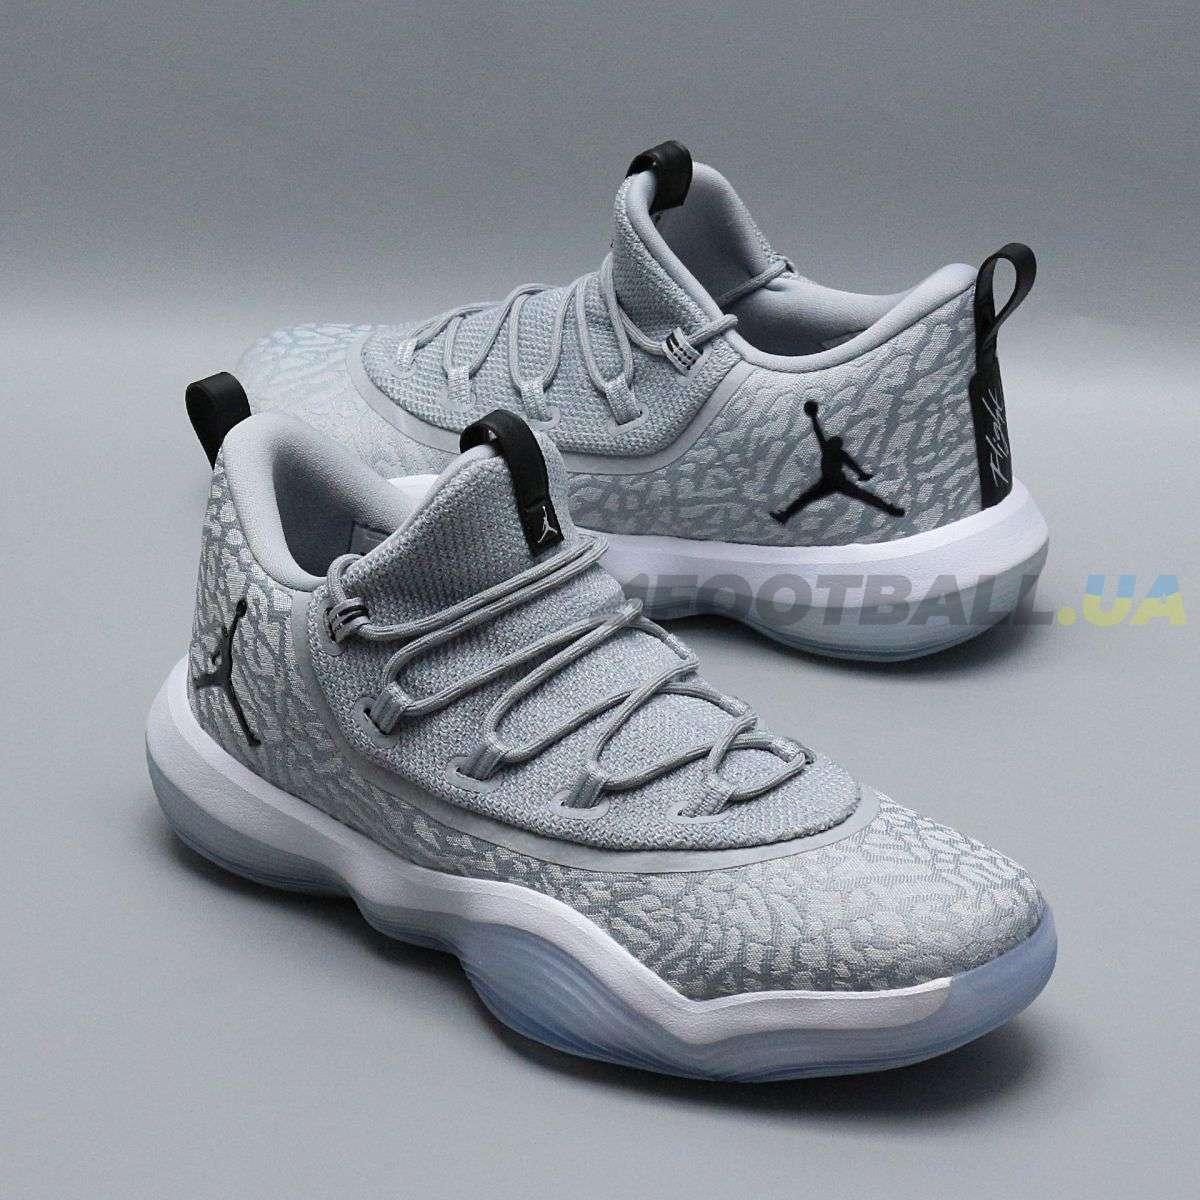 Кроссовки — купить модные оригинальные спортивные фирменные ... 7b0a6dddaa5